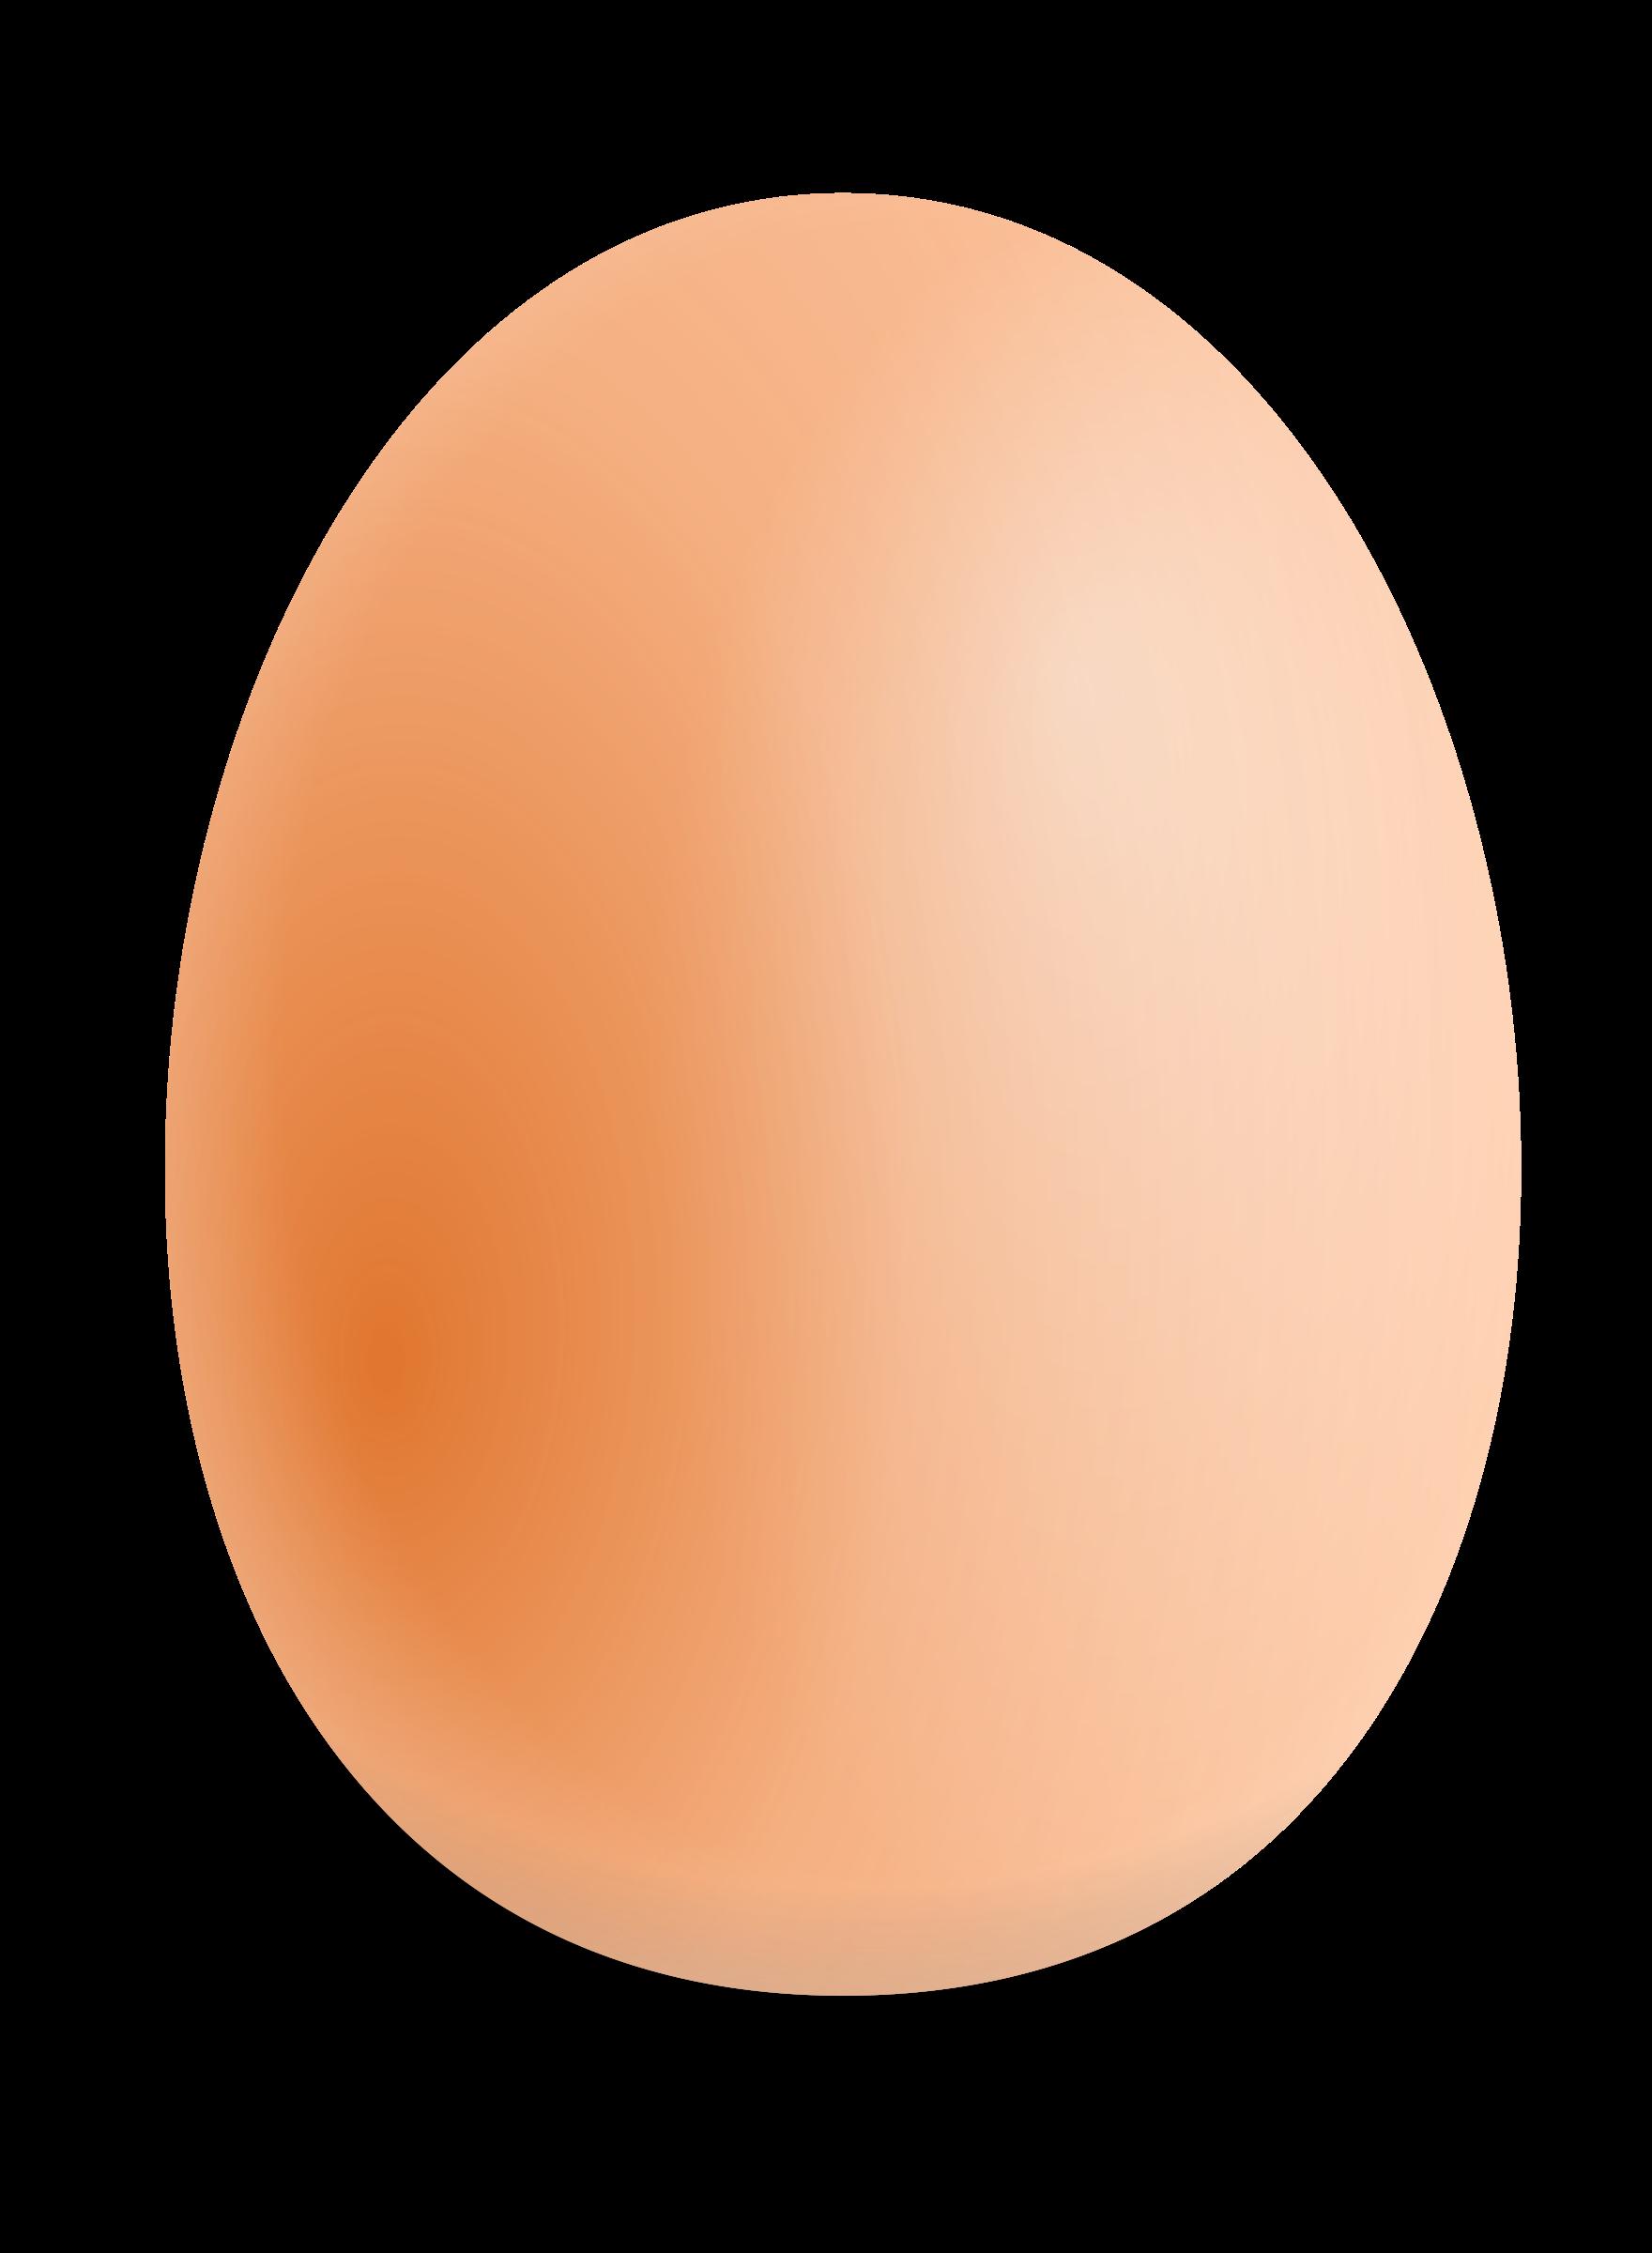 clipart freeuse download Egg PNG Transparent Images